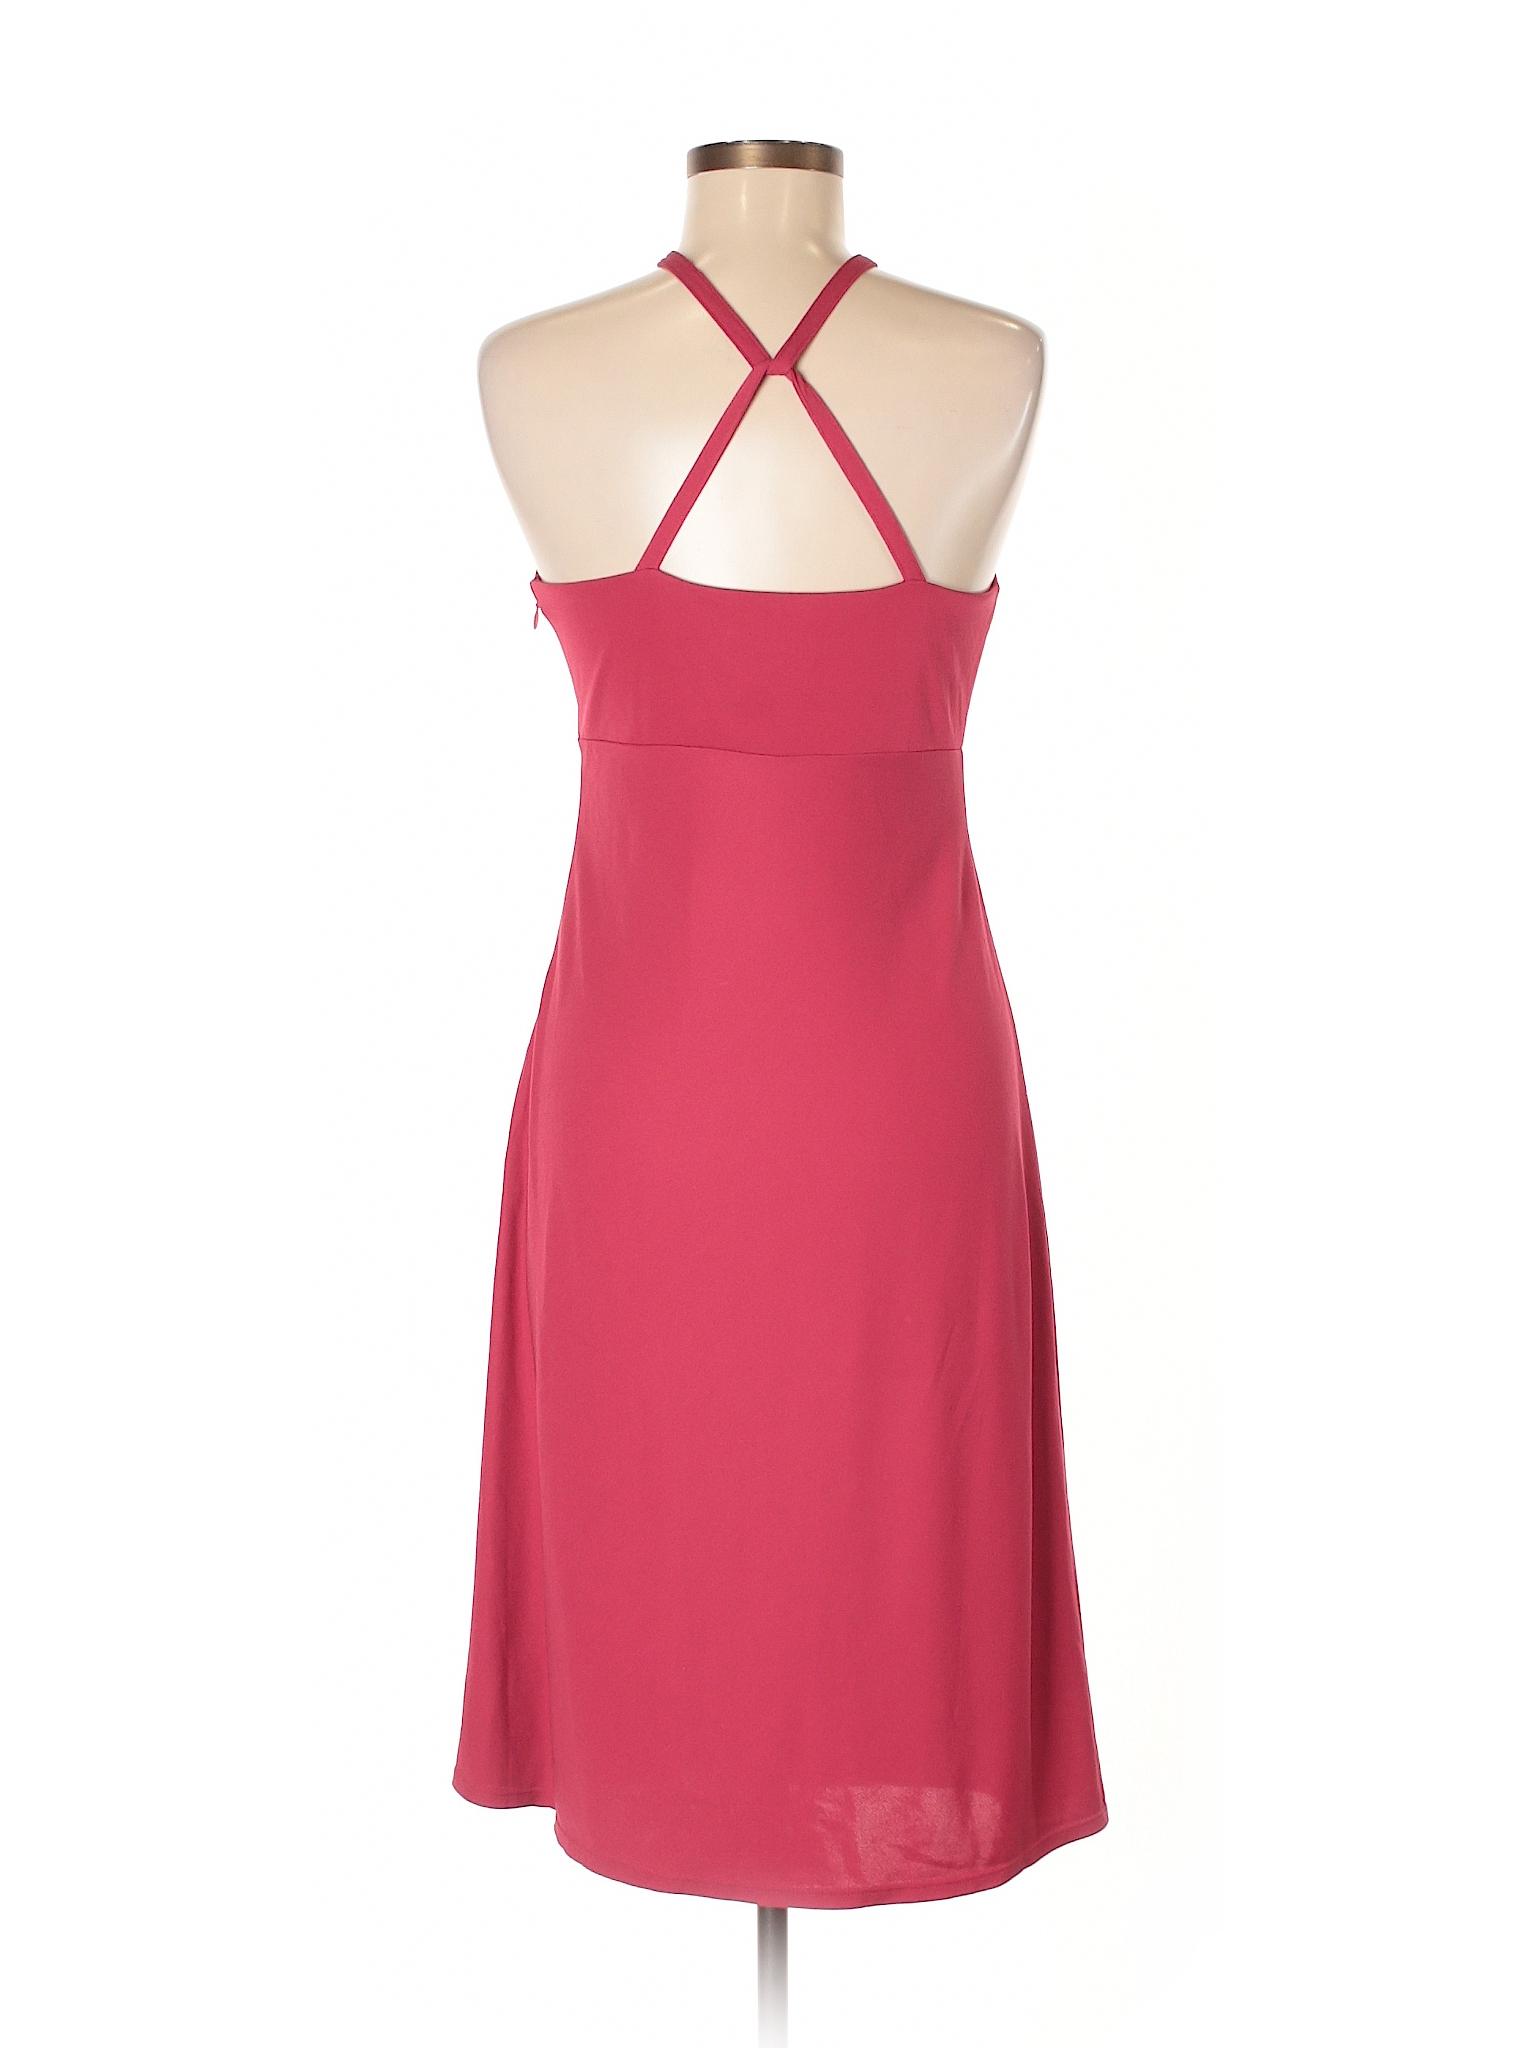 Casual Ann Dress LOFT Selling Taylor H1wqaq8